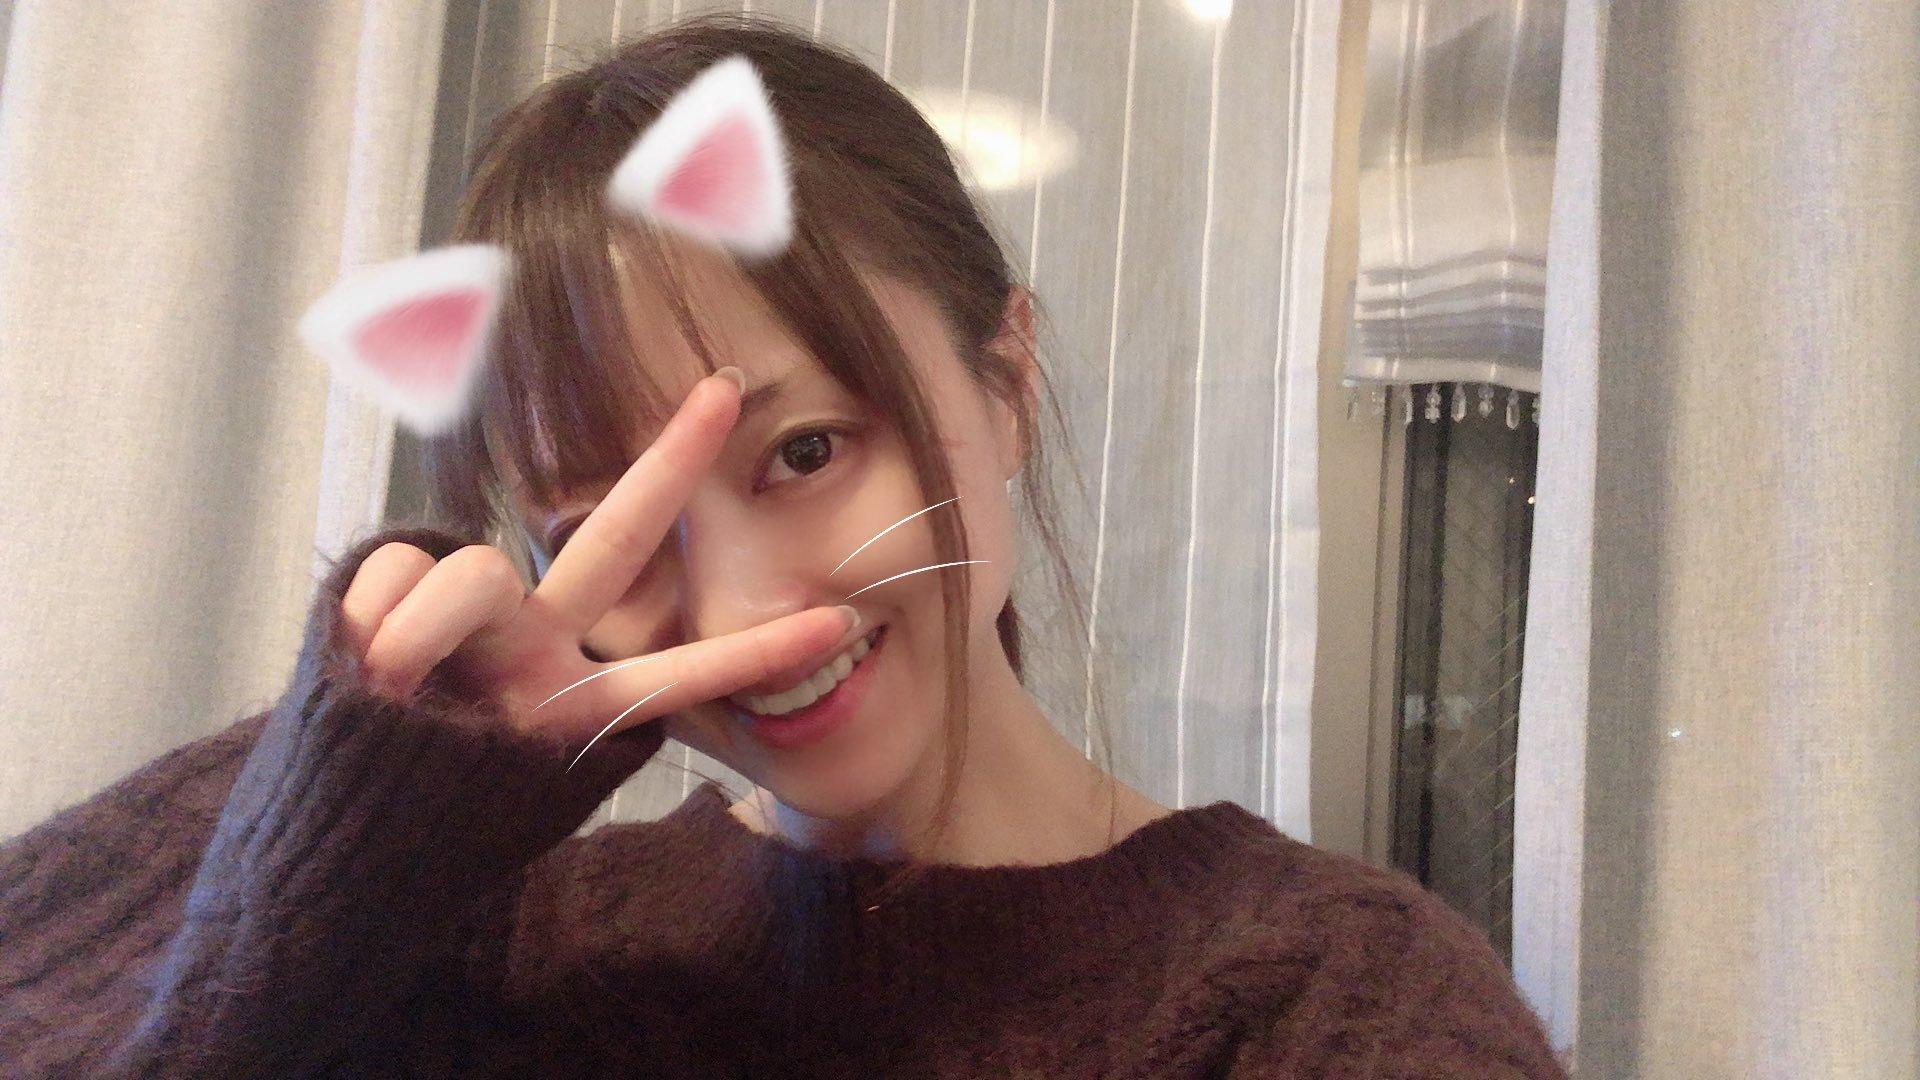 akiho_yoshi 1231180116731949056_p0